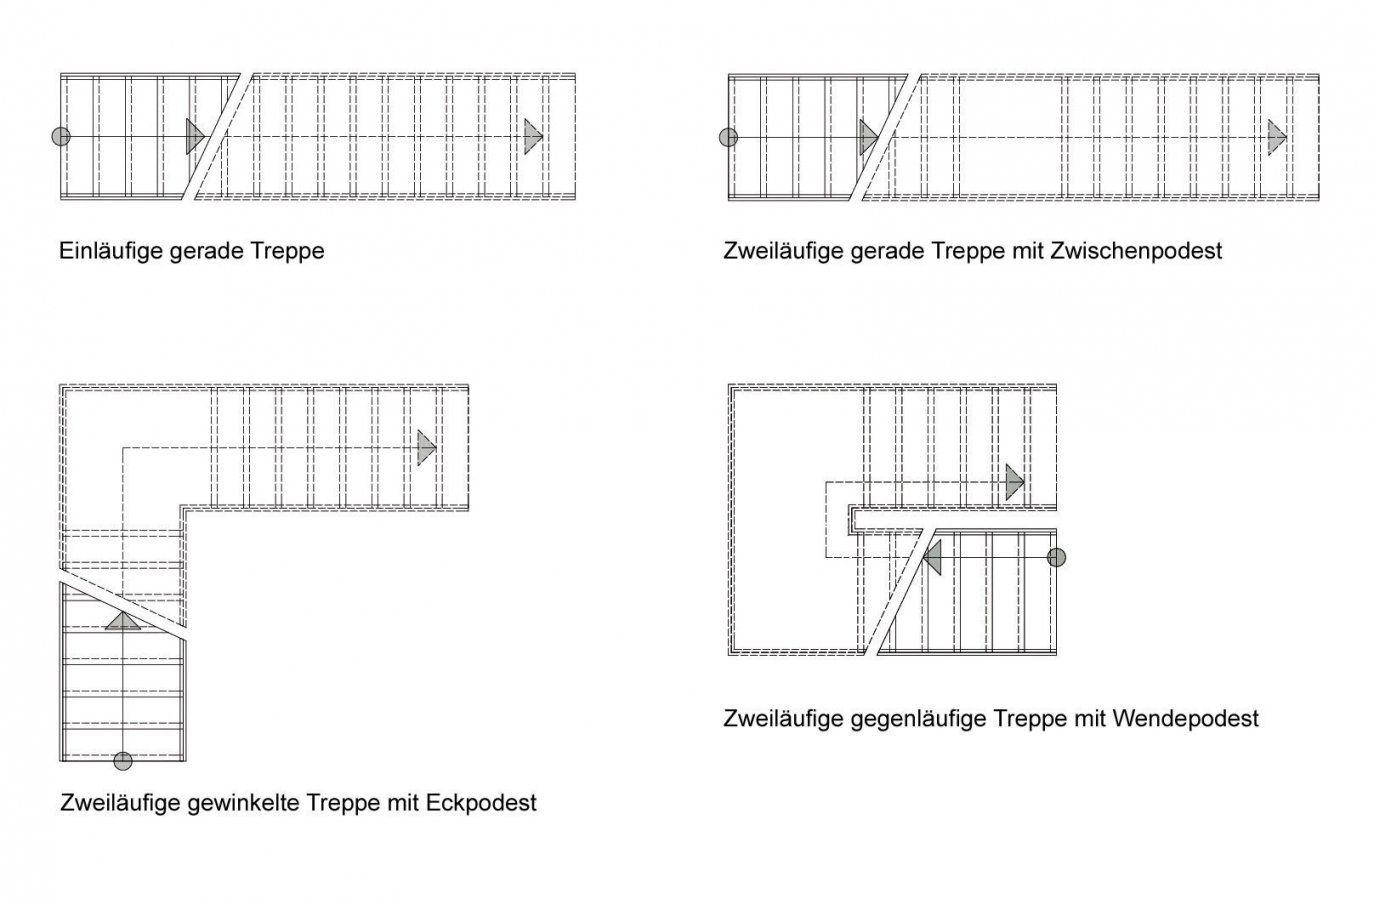 Gerade Treppen  Treppen  Treppenformen  Baunetzwissen von Treppe Mit Podest Berechnen Photo